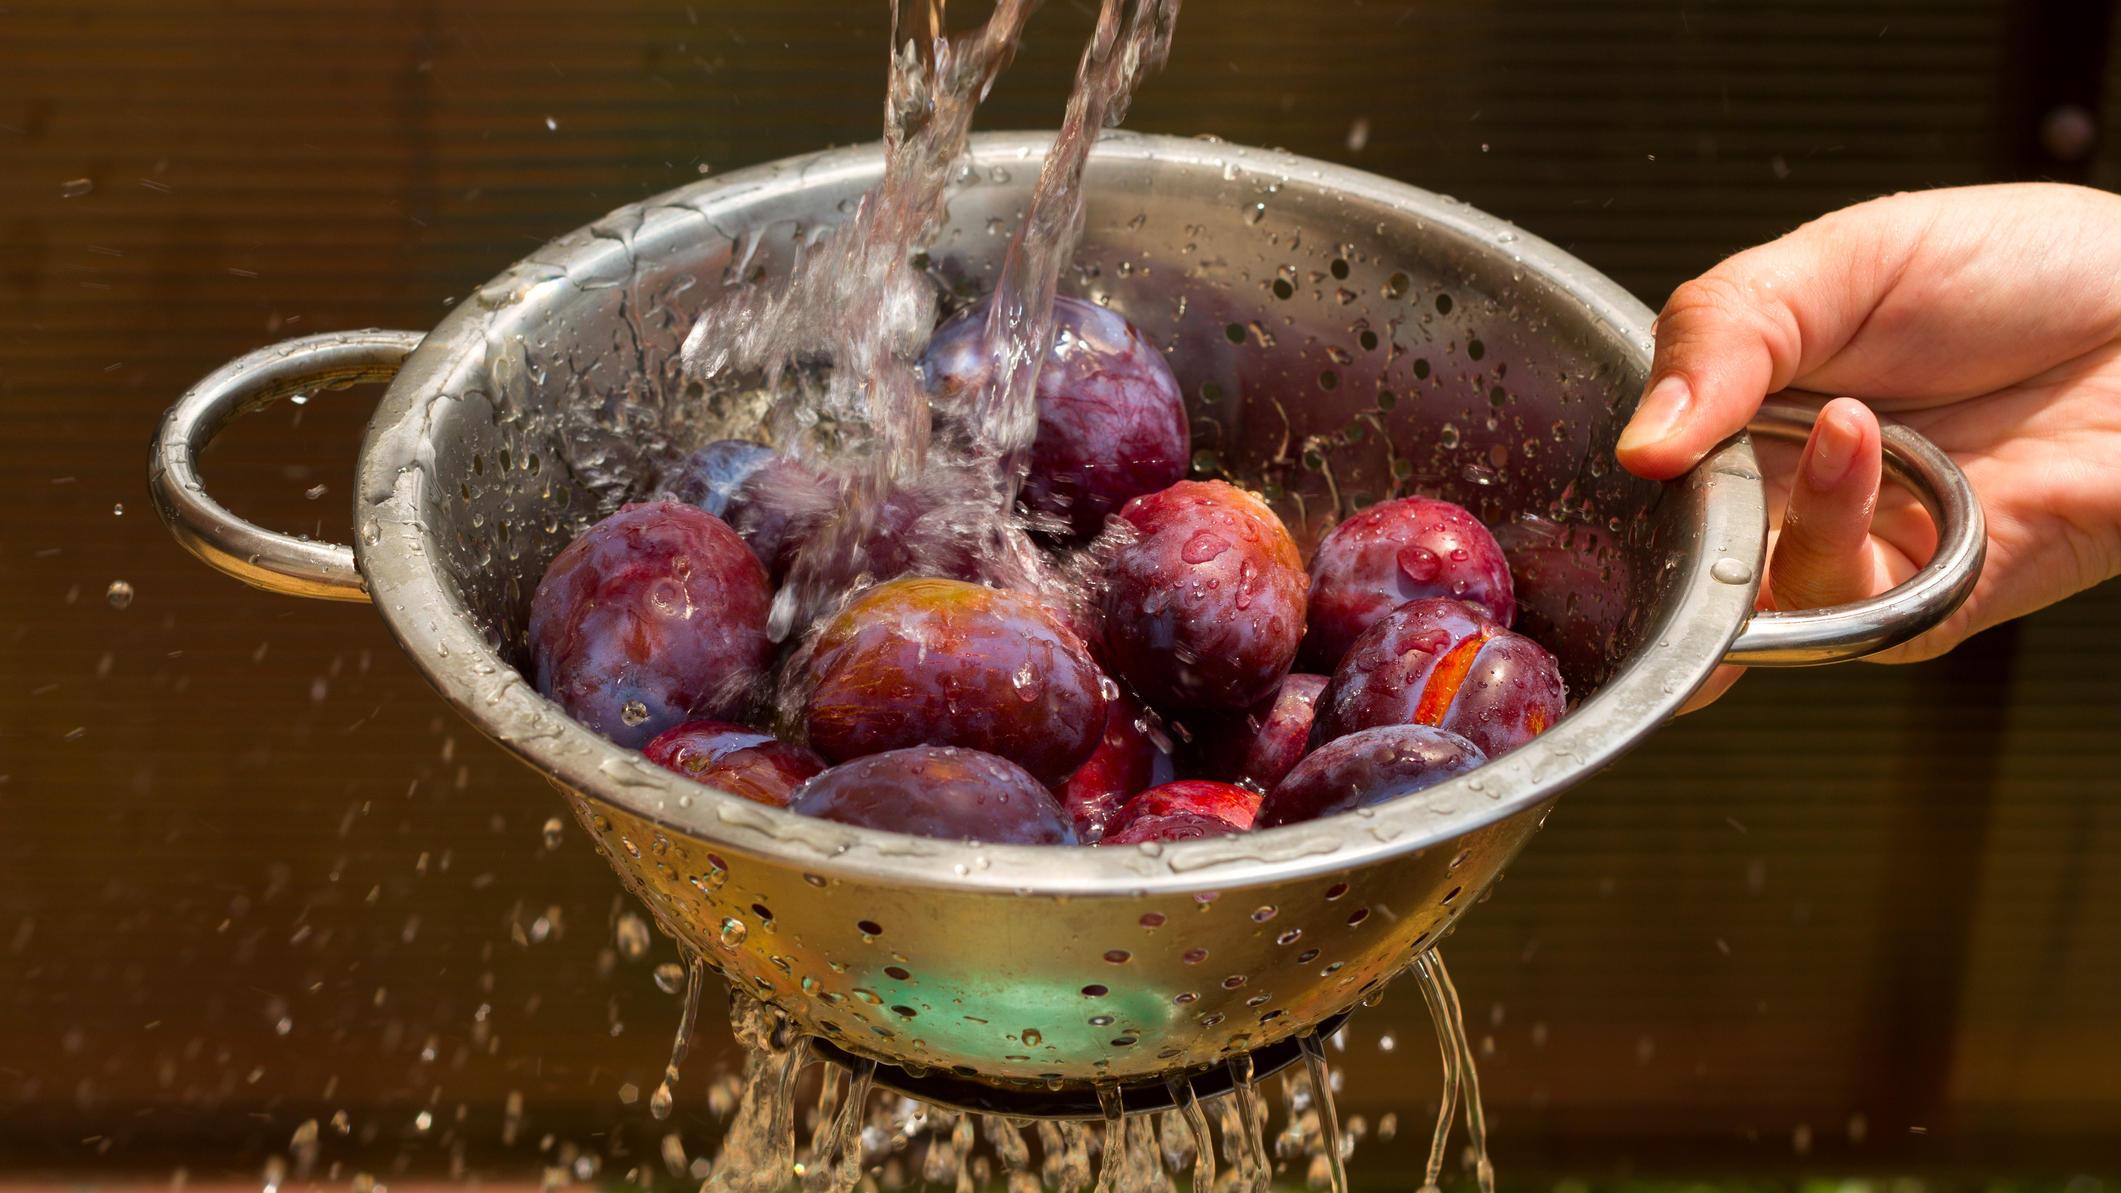 Pflaumen sollten vor dem Verzehr oder der Weiterverarbeitung unter fließendem Wasser gewaschen werden.